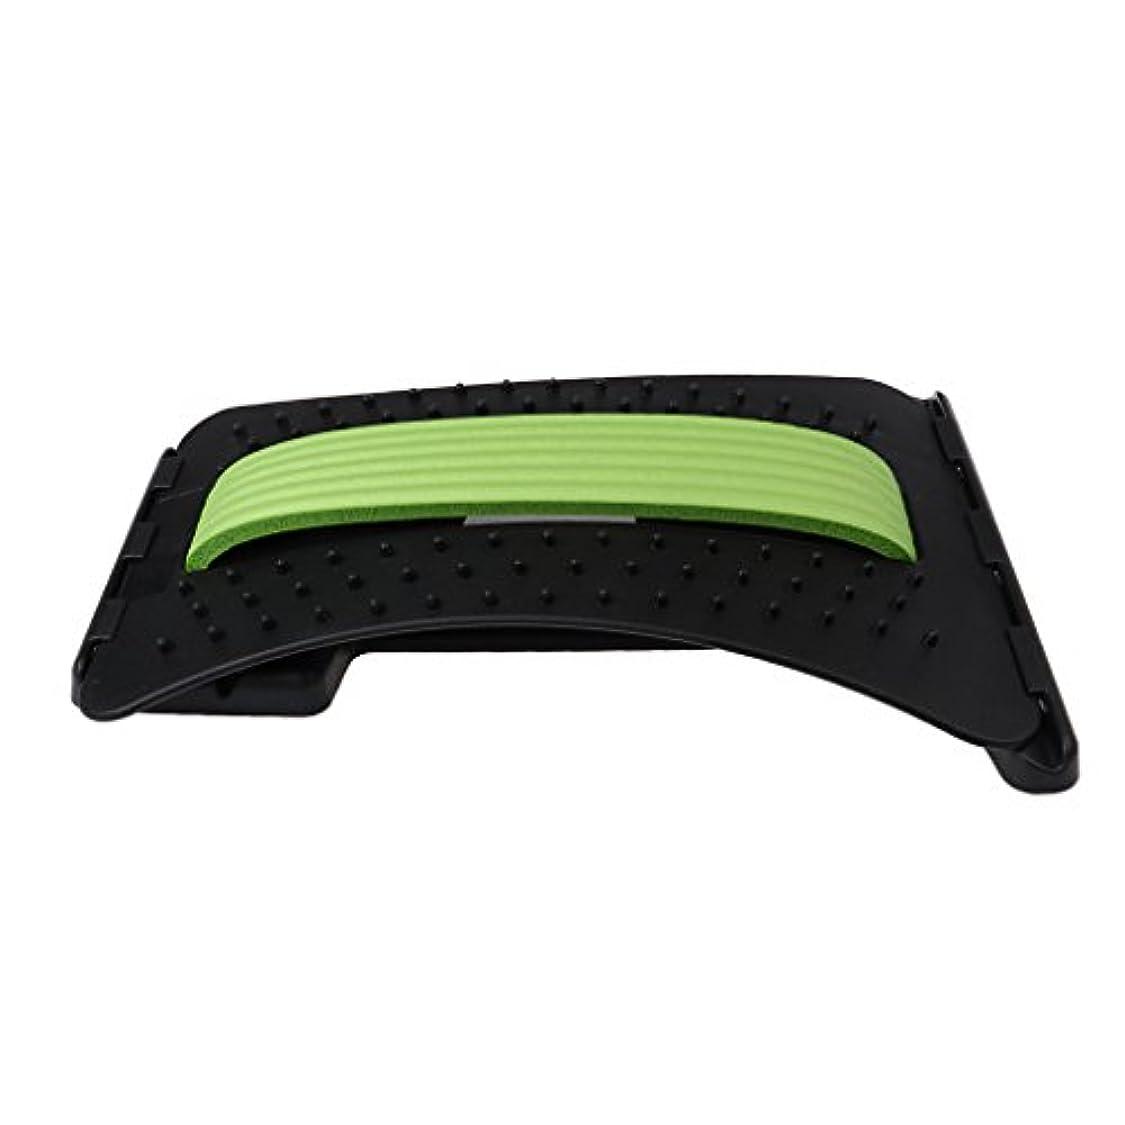 天才フェッチ取得するバックストレッチャー ABS製 リラックス ストレス解消 3色選べる - 緑